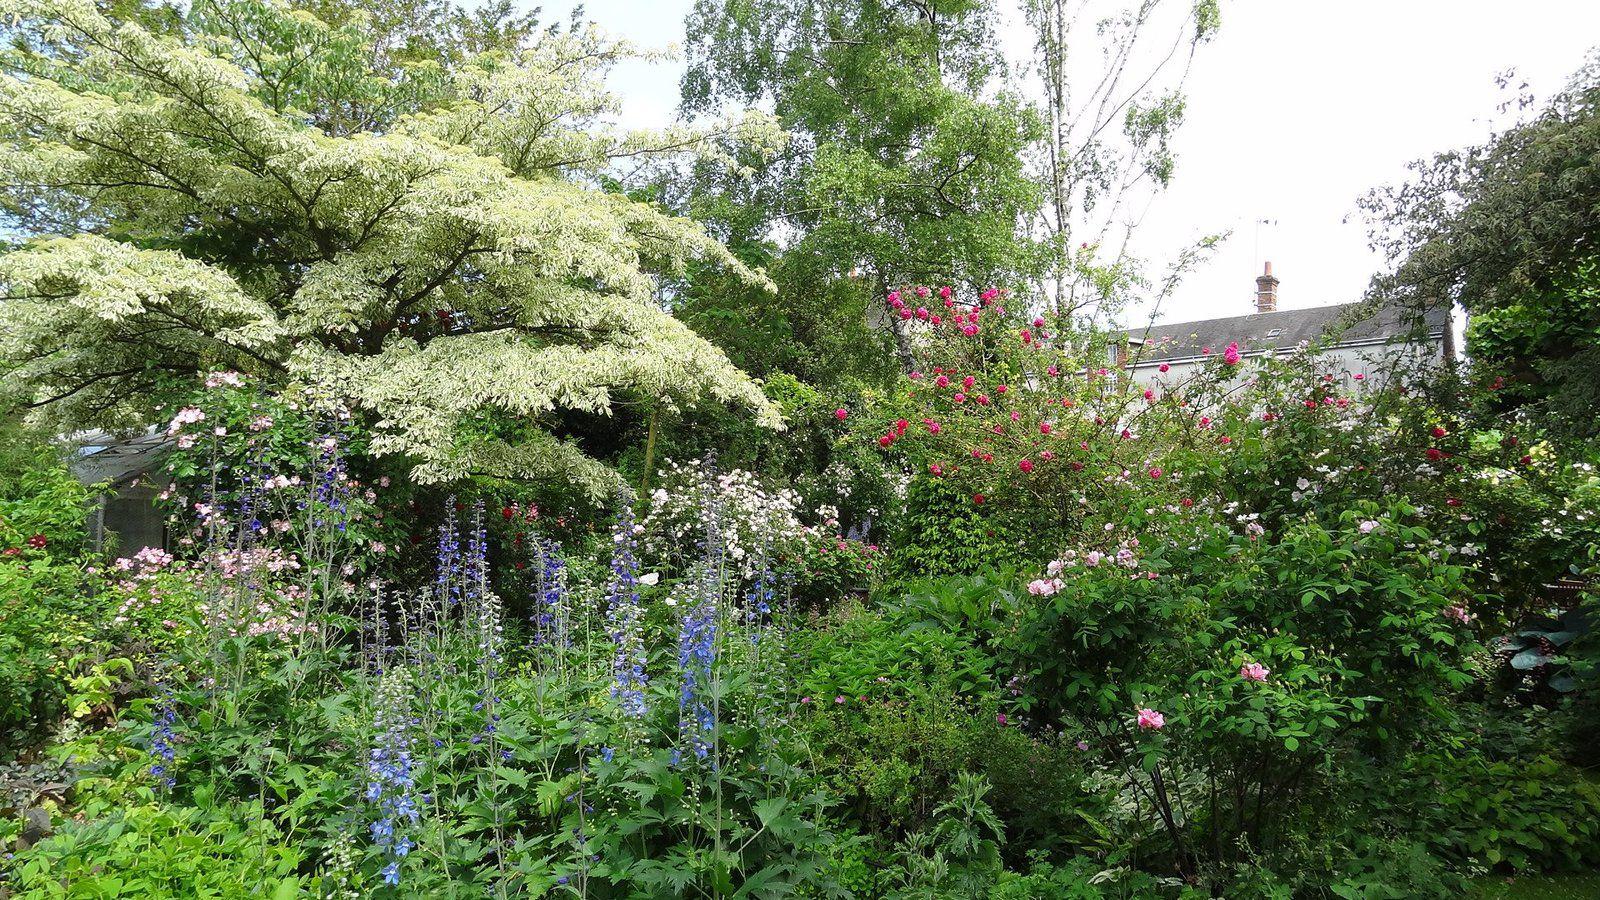 Souscription pour l'achat de la maison et du jardin privé d'André Eve